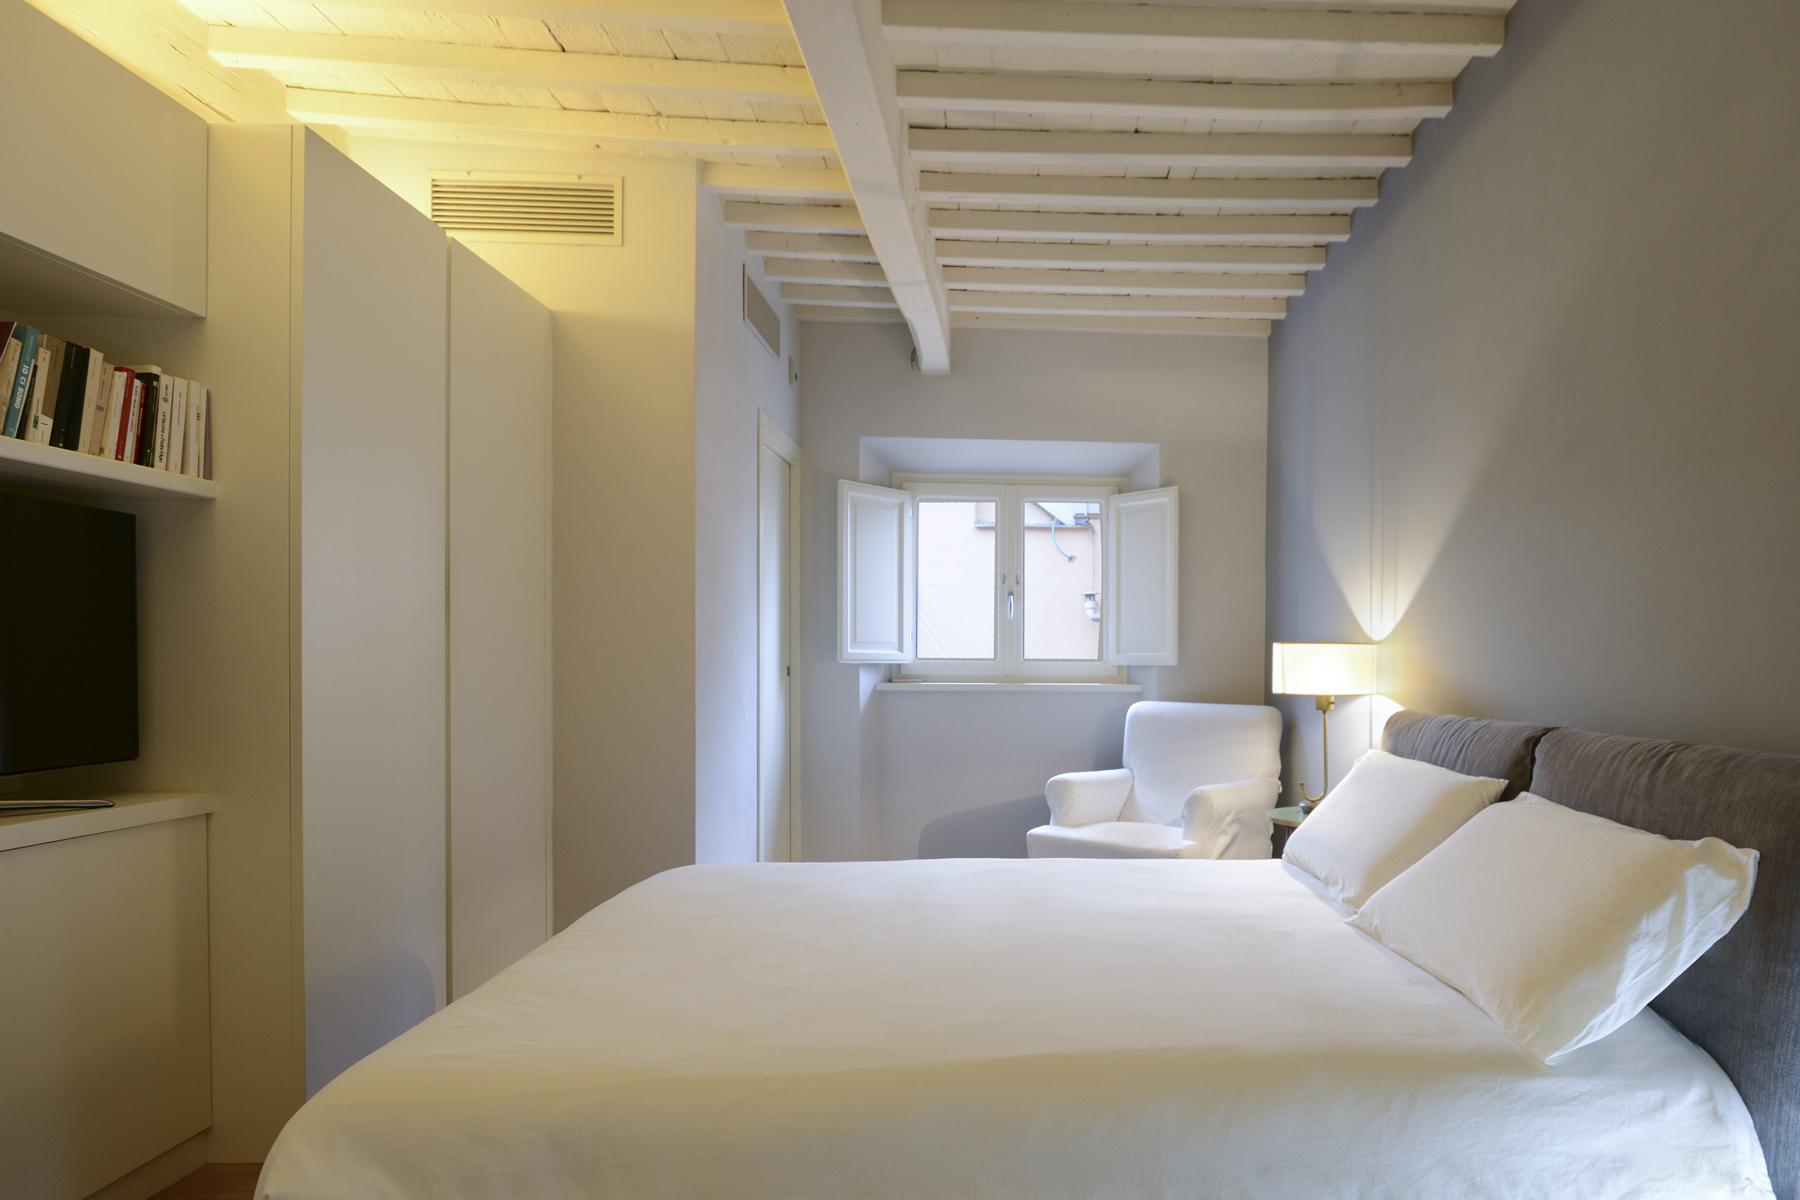 Appartamento in Vendita a Pietrasanta: 5 locali, 70 mq - Foto 10